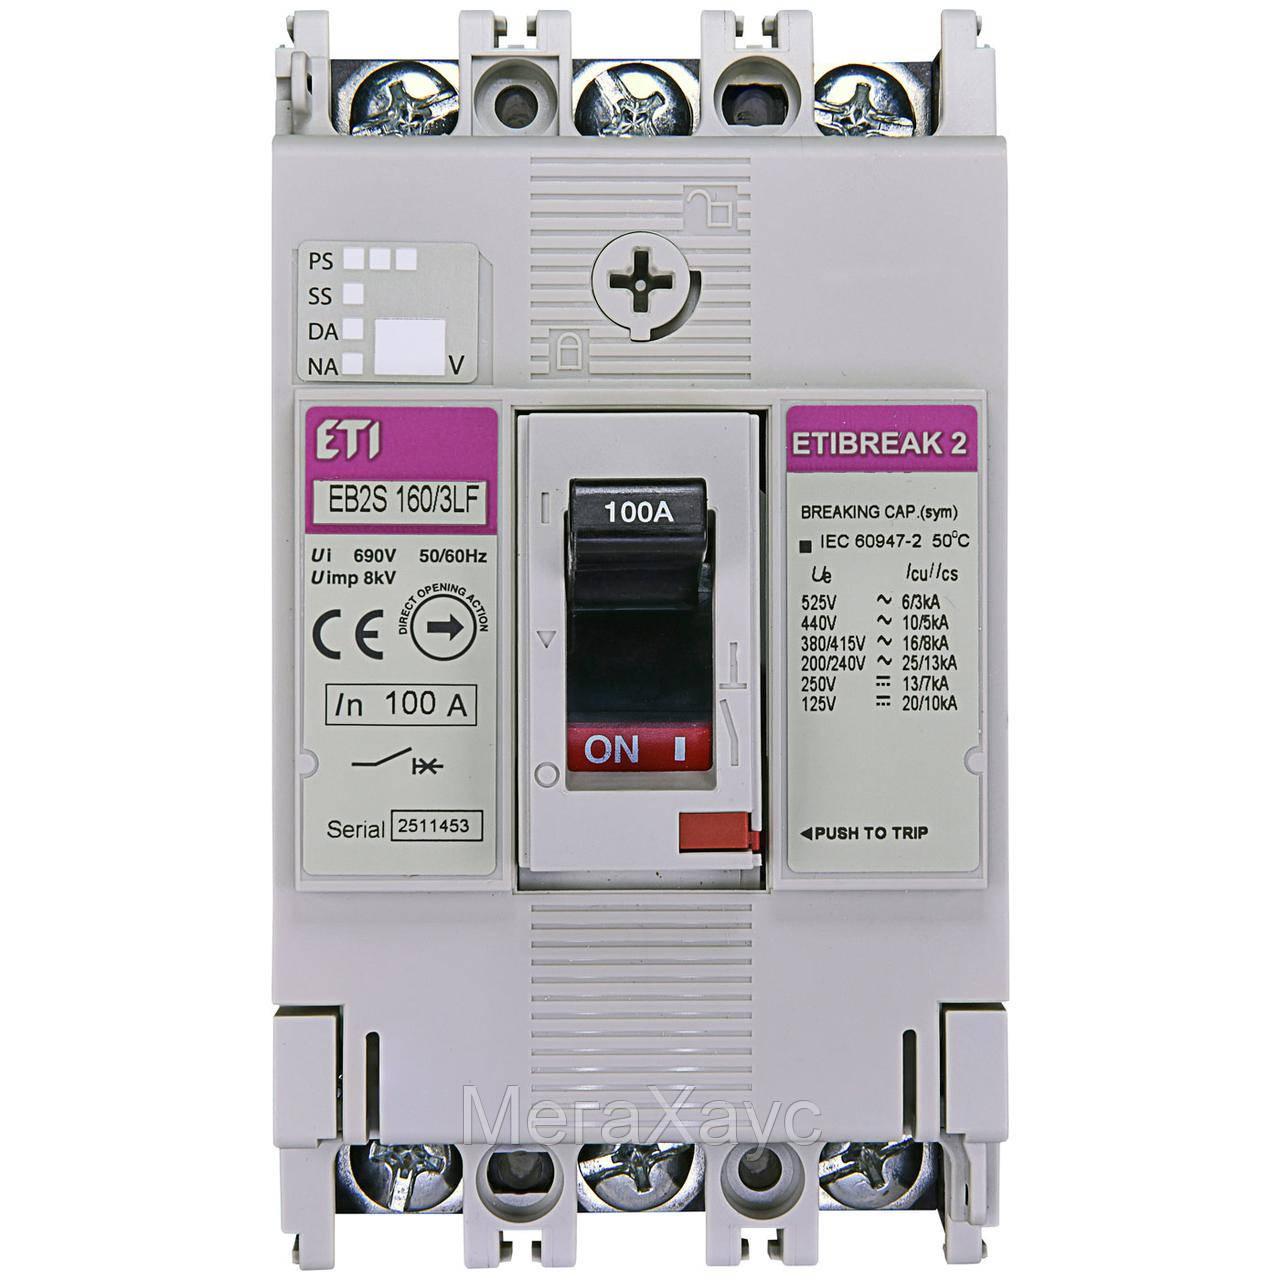 Промышленный автоматический выключатель ETI ETIBREAKА  EB2S 160/3LF 100А 3P (16kA фикс.настр.